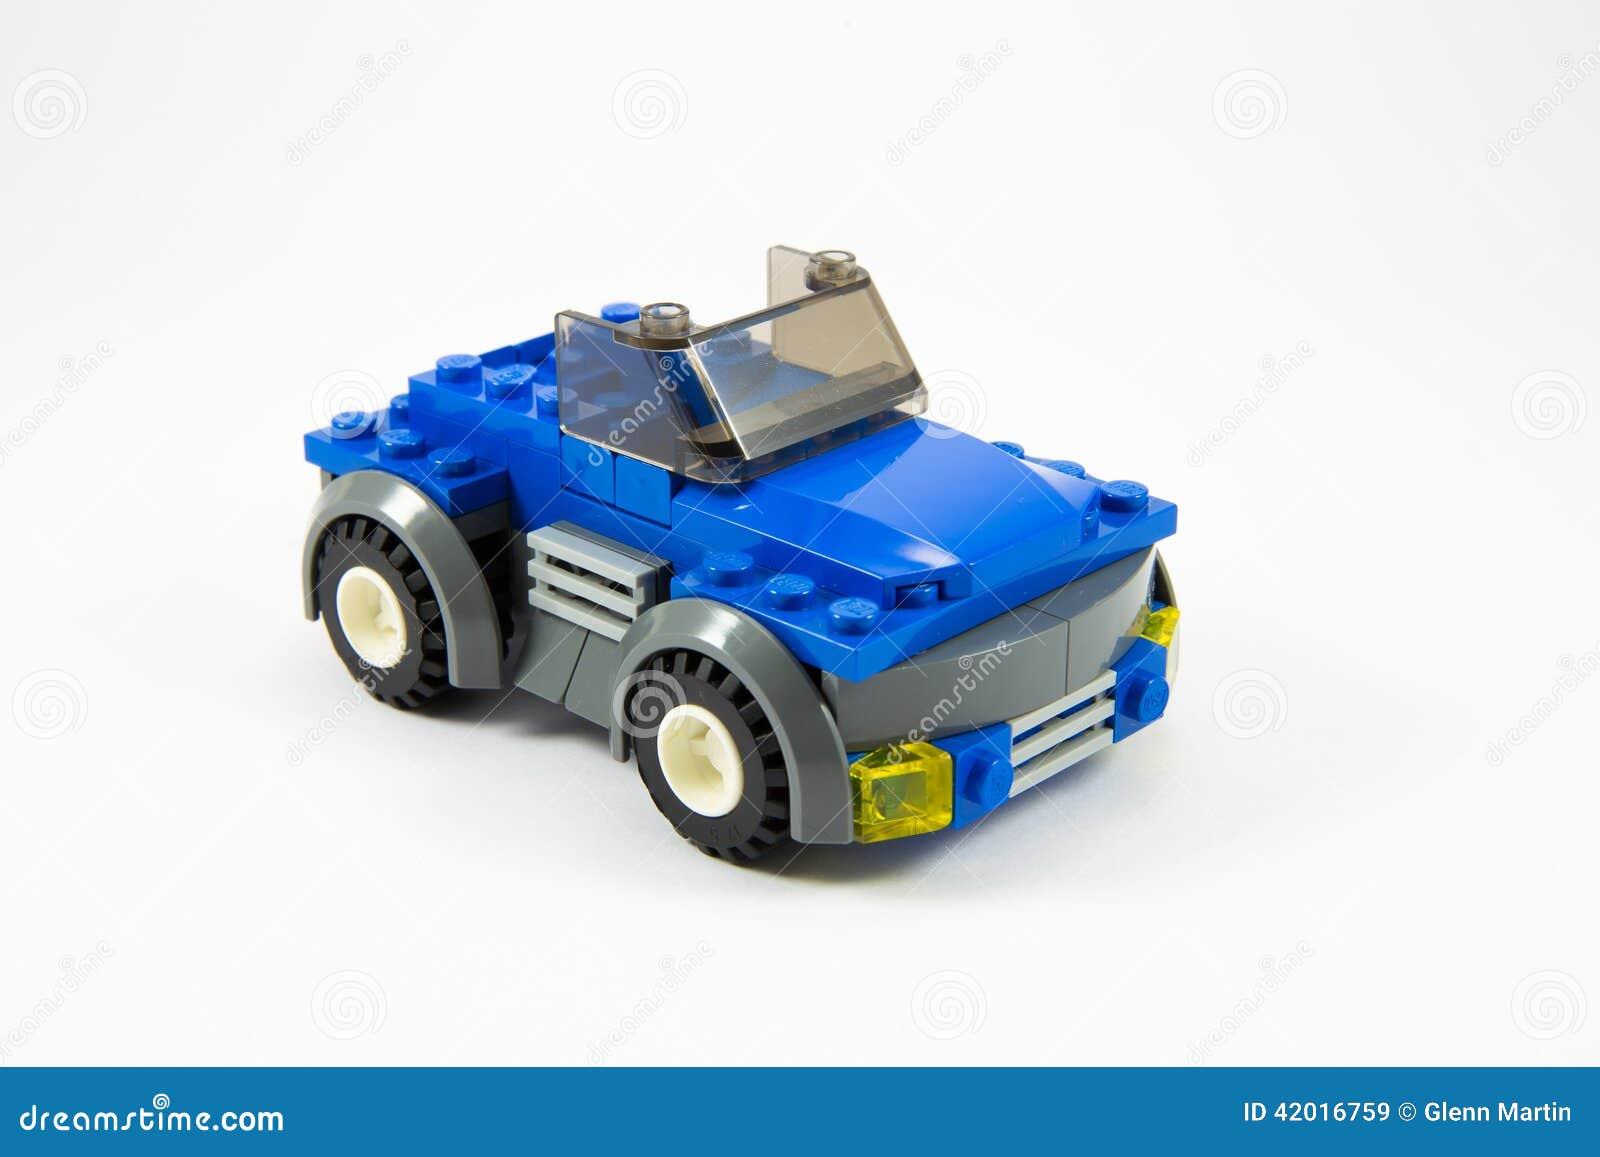 Lego Race Car Ferrari